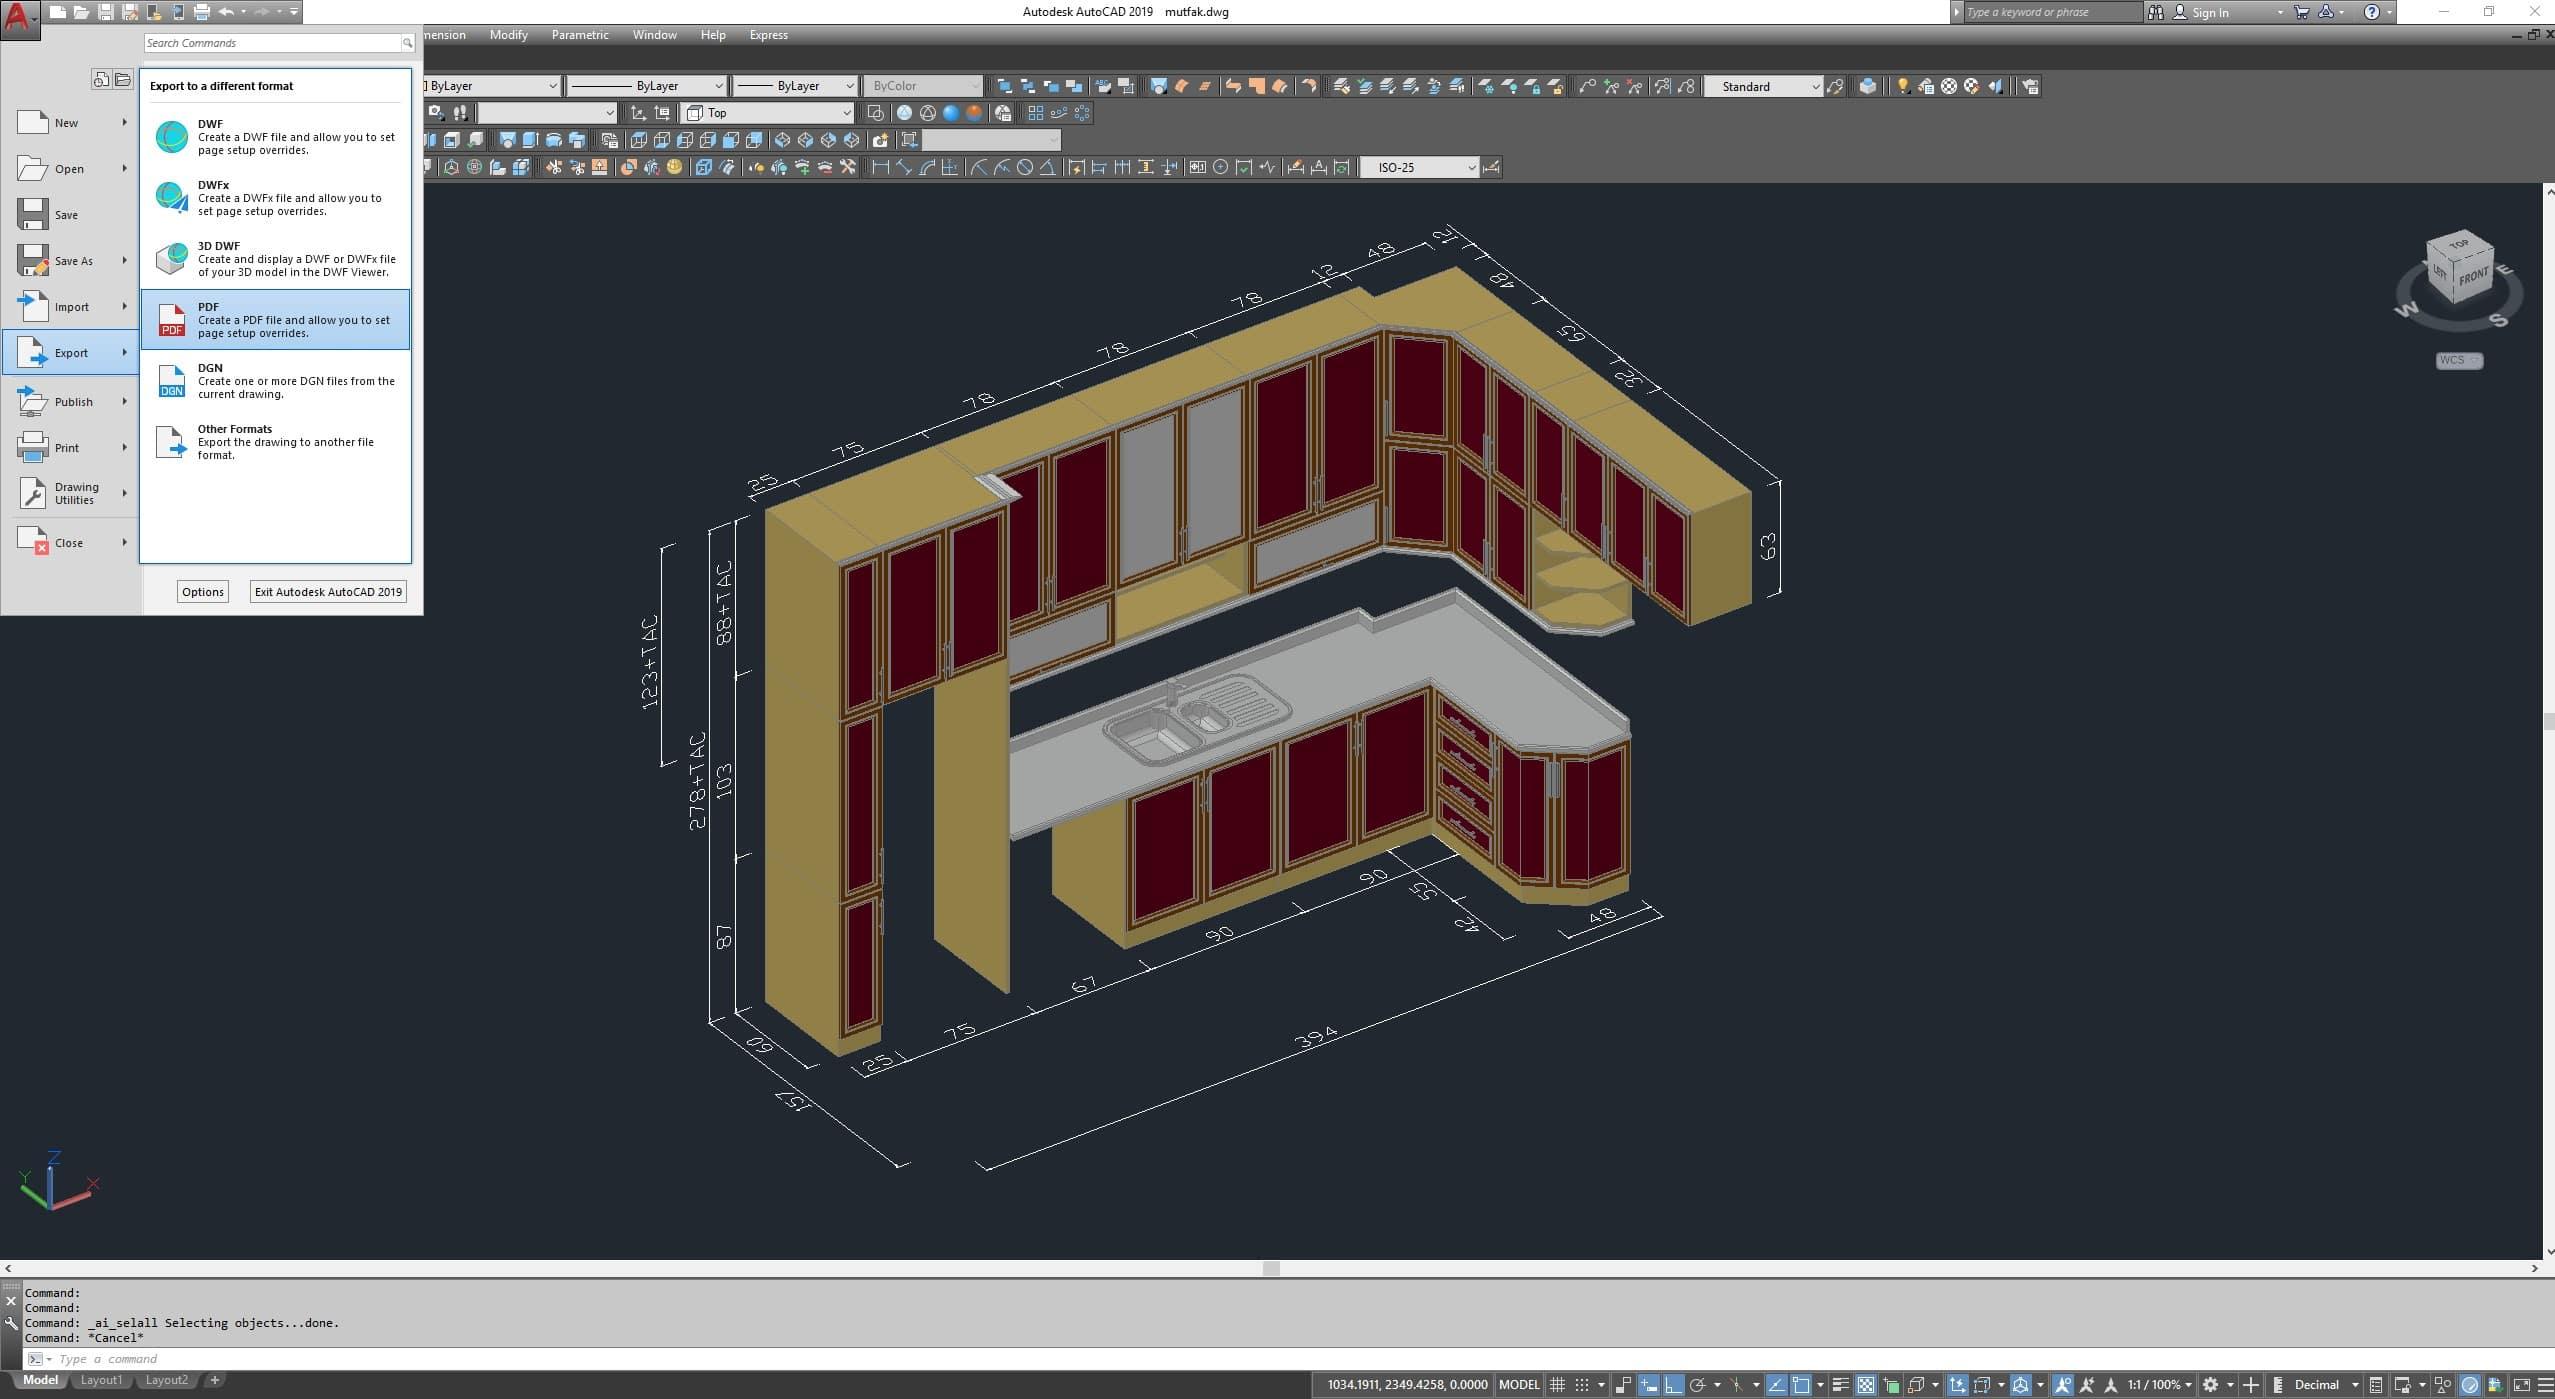 Autodesk AutoCAD 2019 + 2 ve 3 boyut çizim yapabileceğiniz en verimli teknik çizim programı